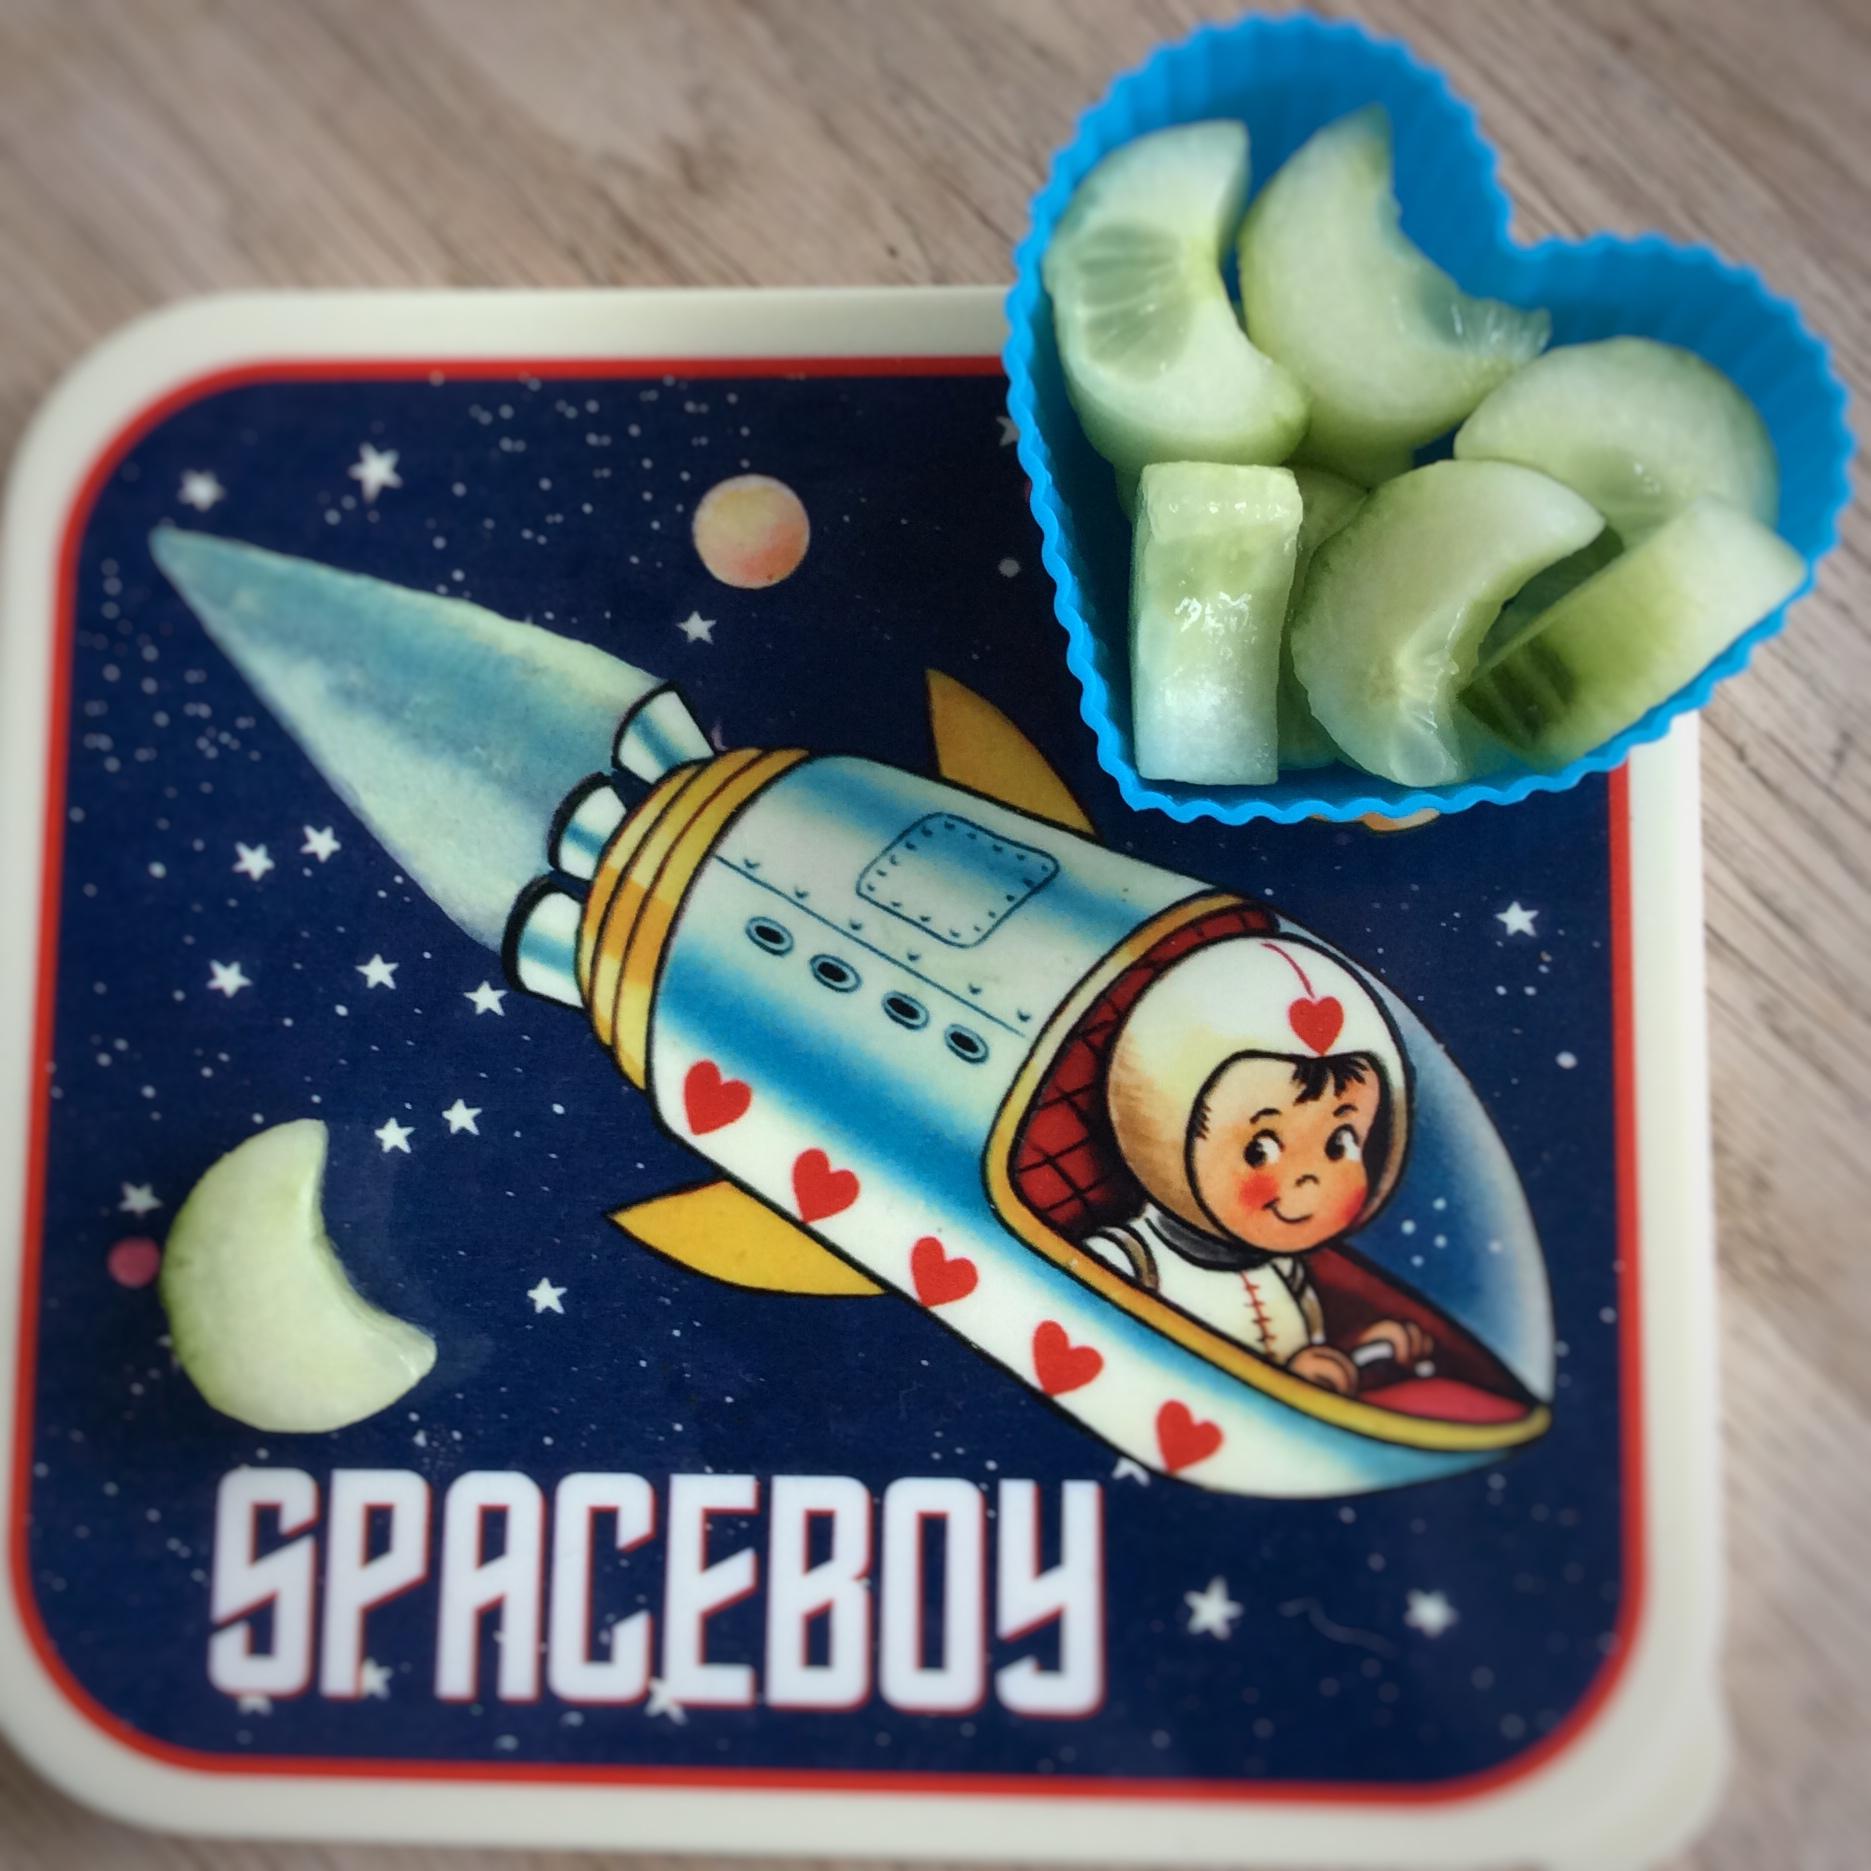 ruimteraket spaceboy broodtrommel